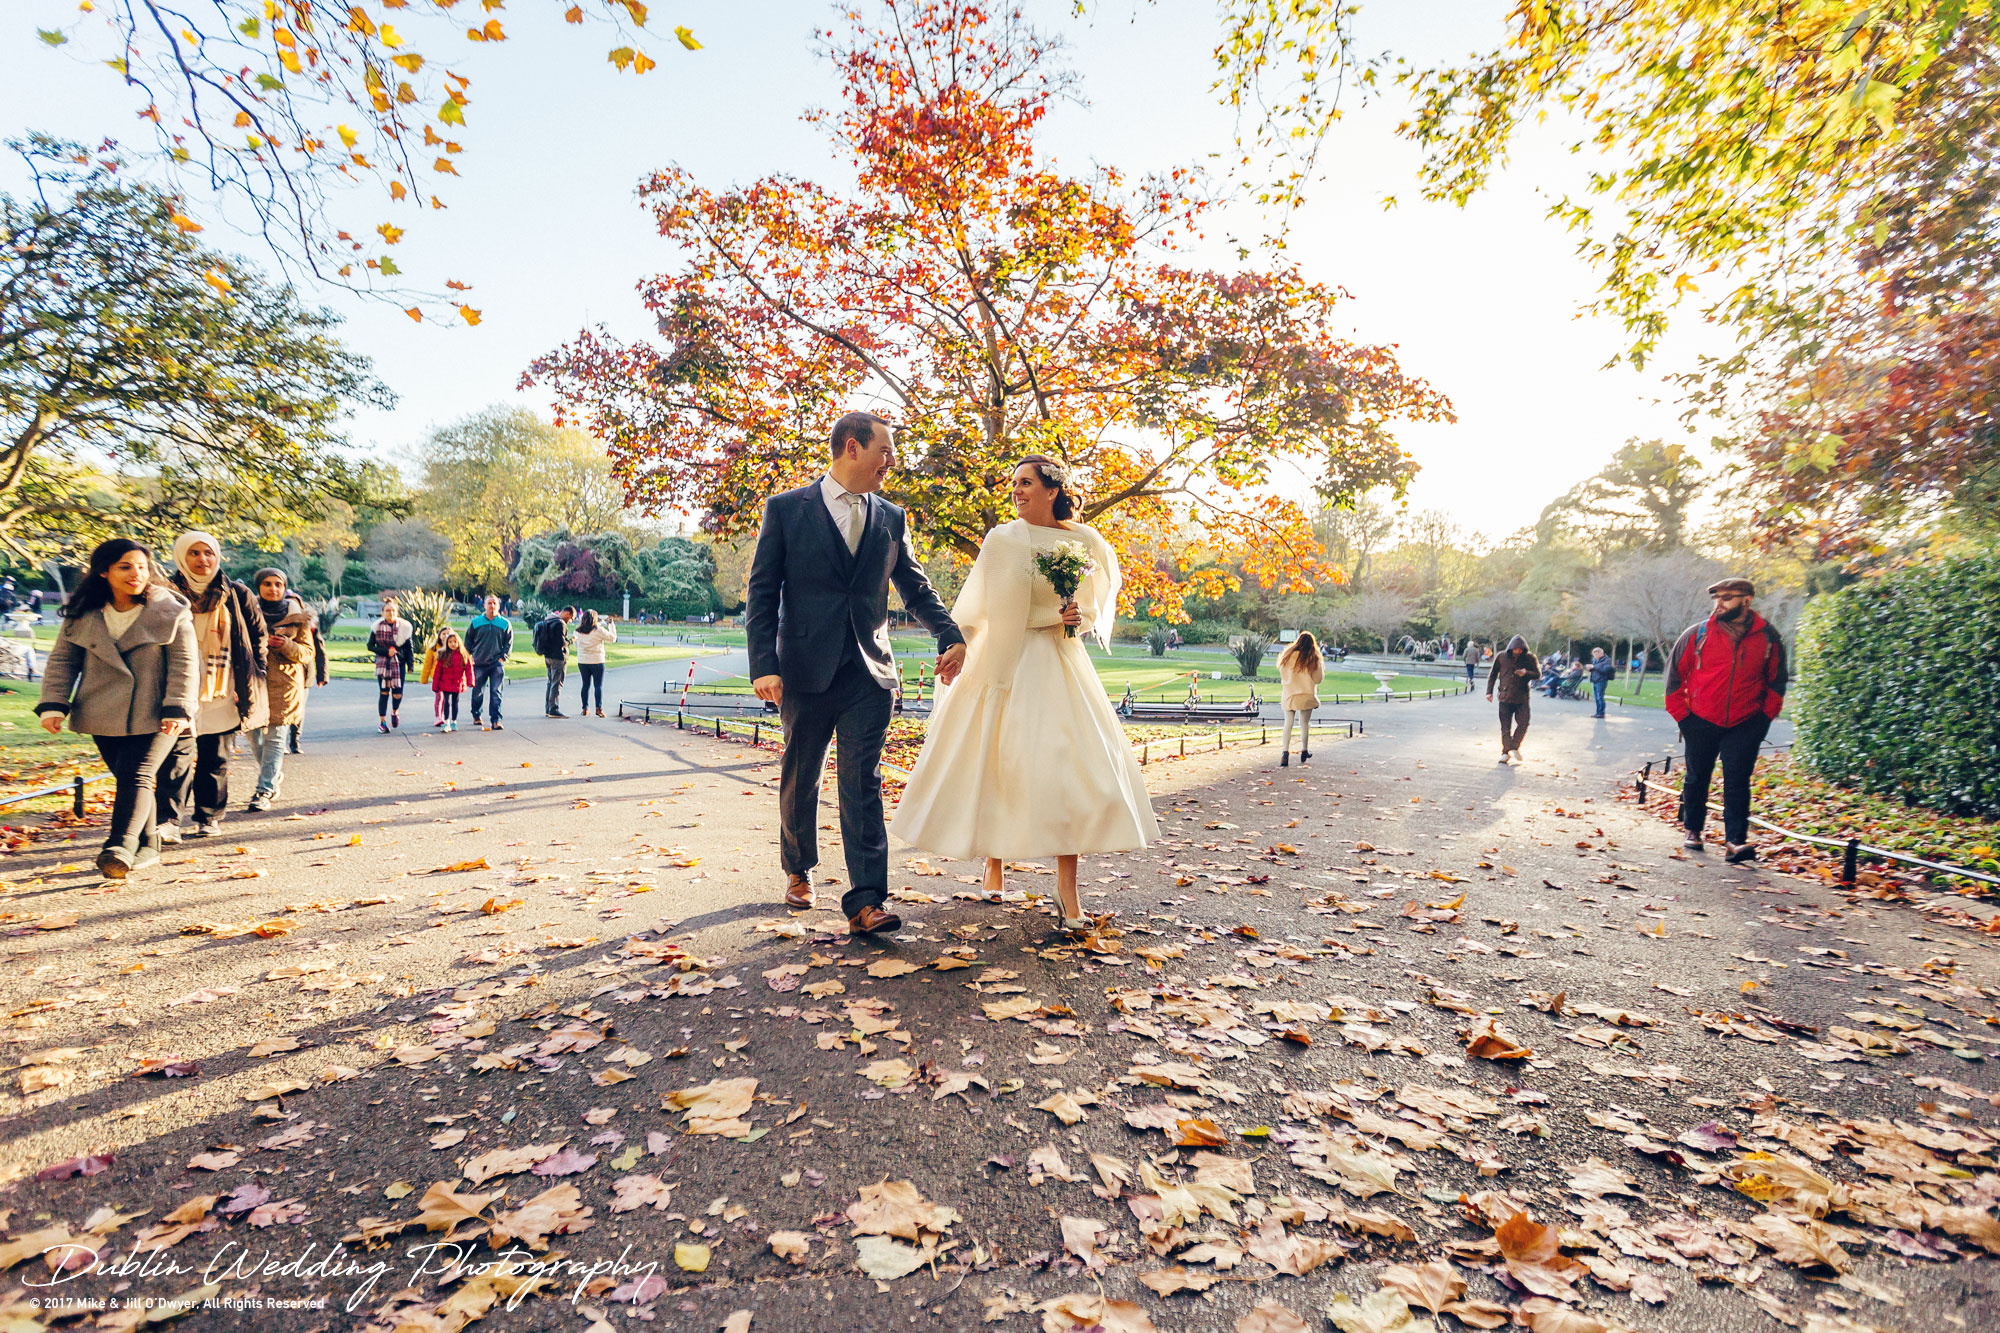 Dublin Wedding Photographer City Streets 033